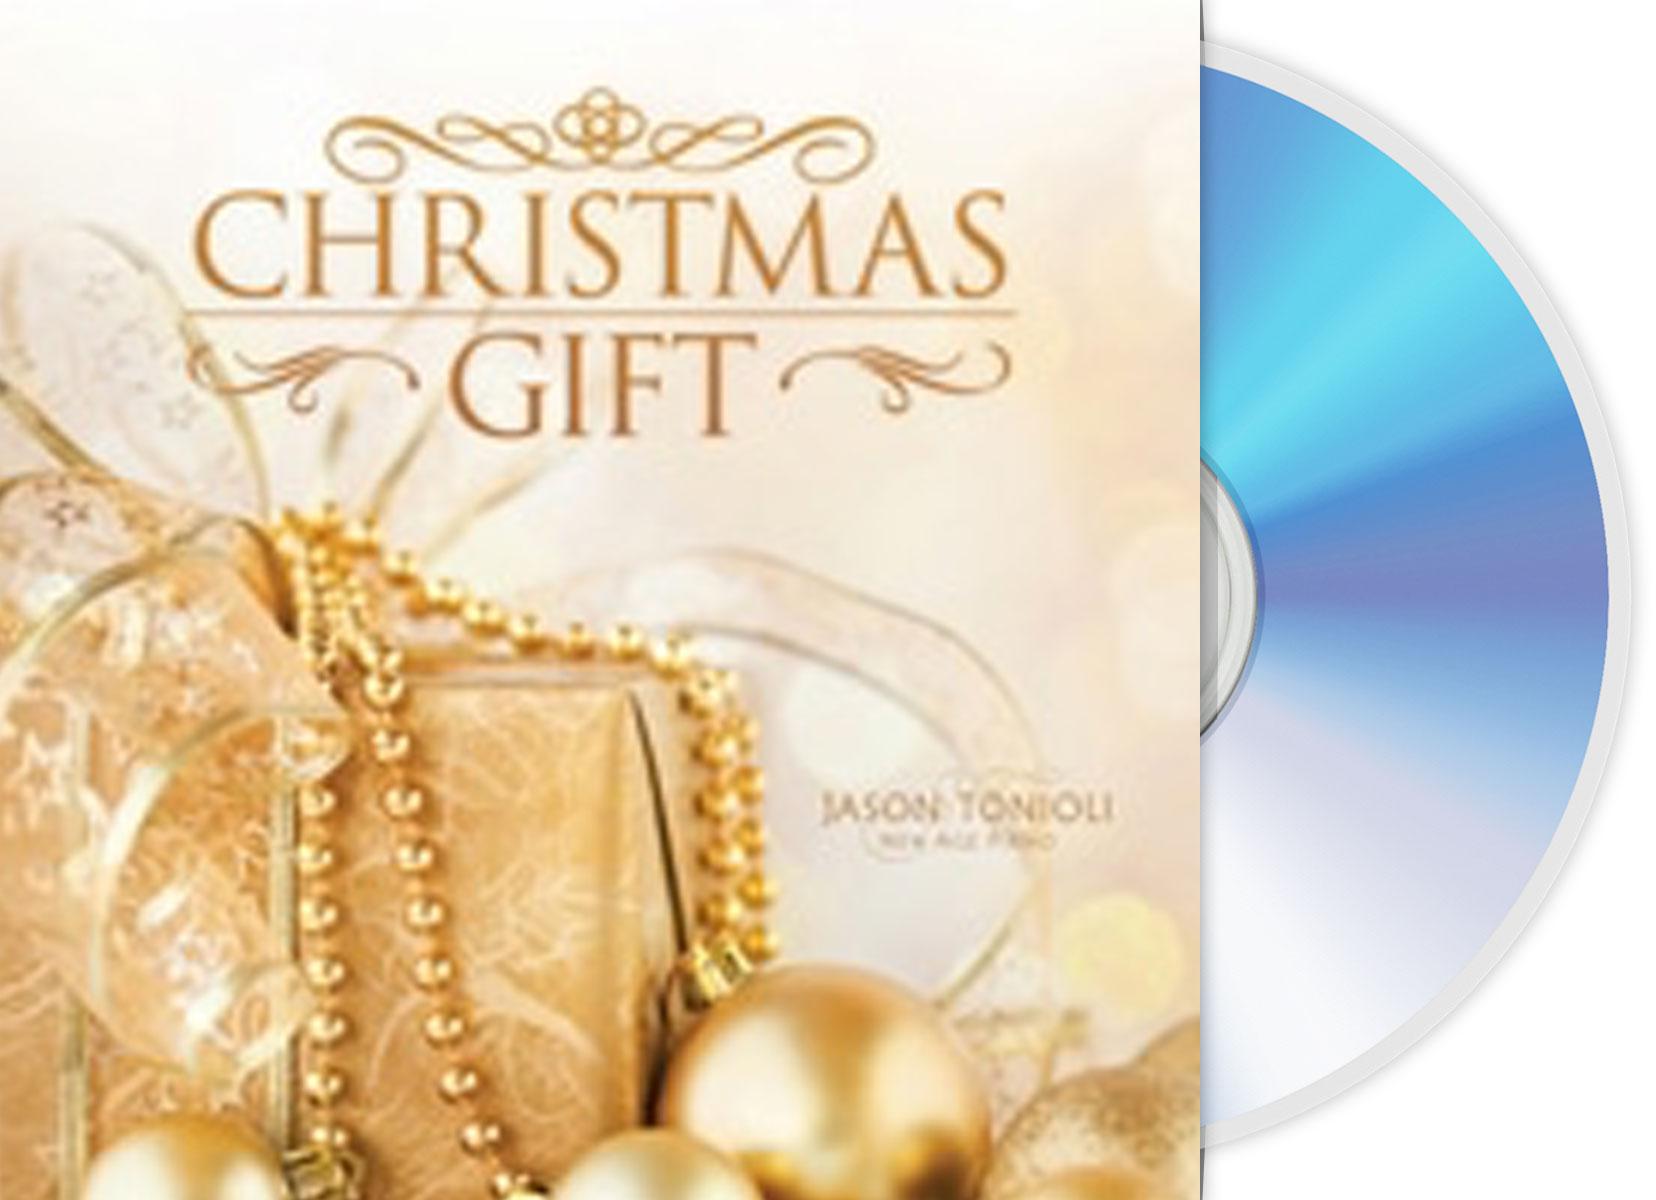 Christmas Gift CD